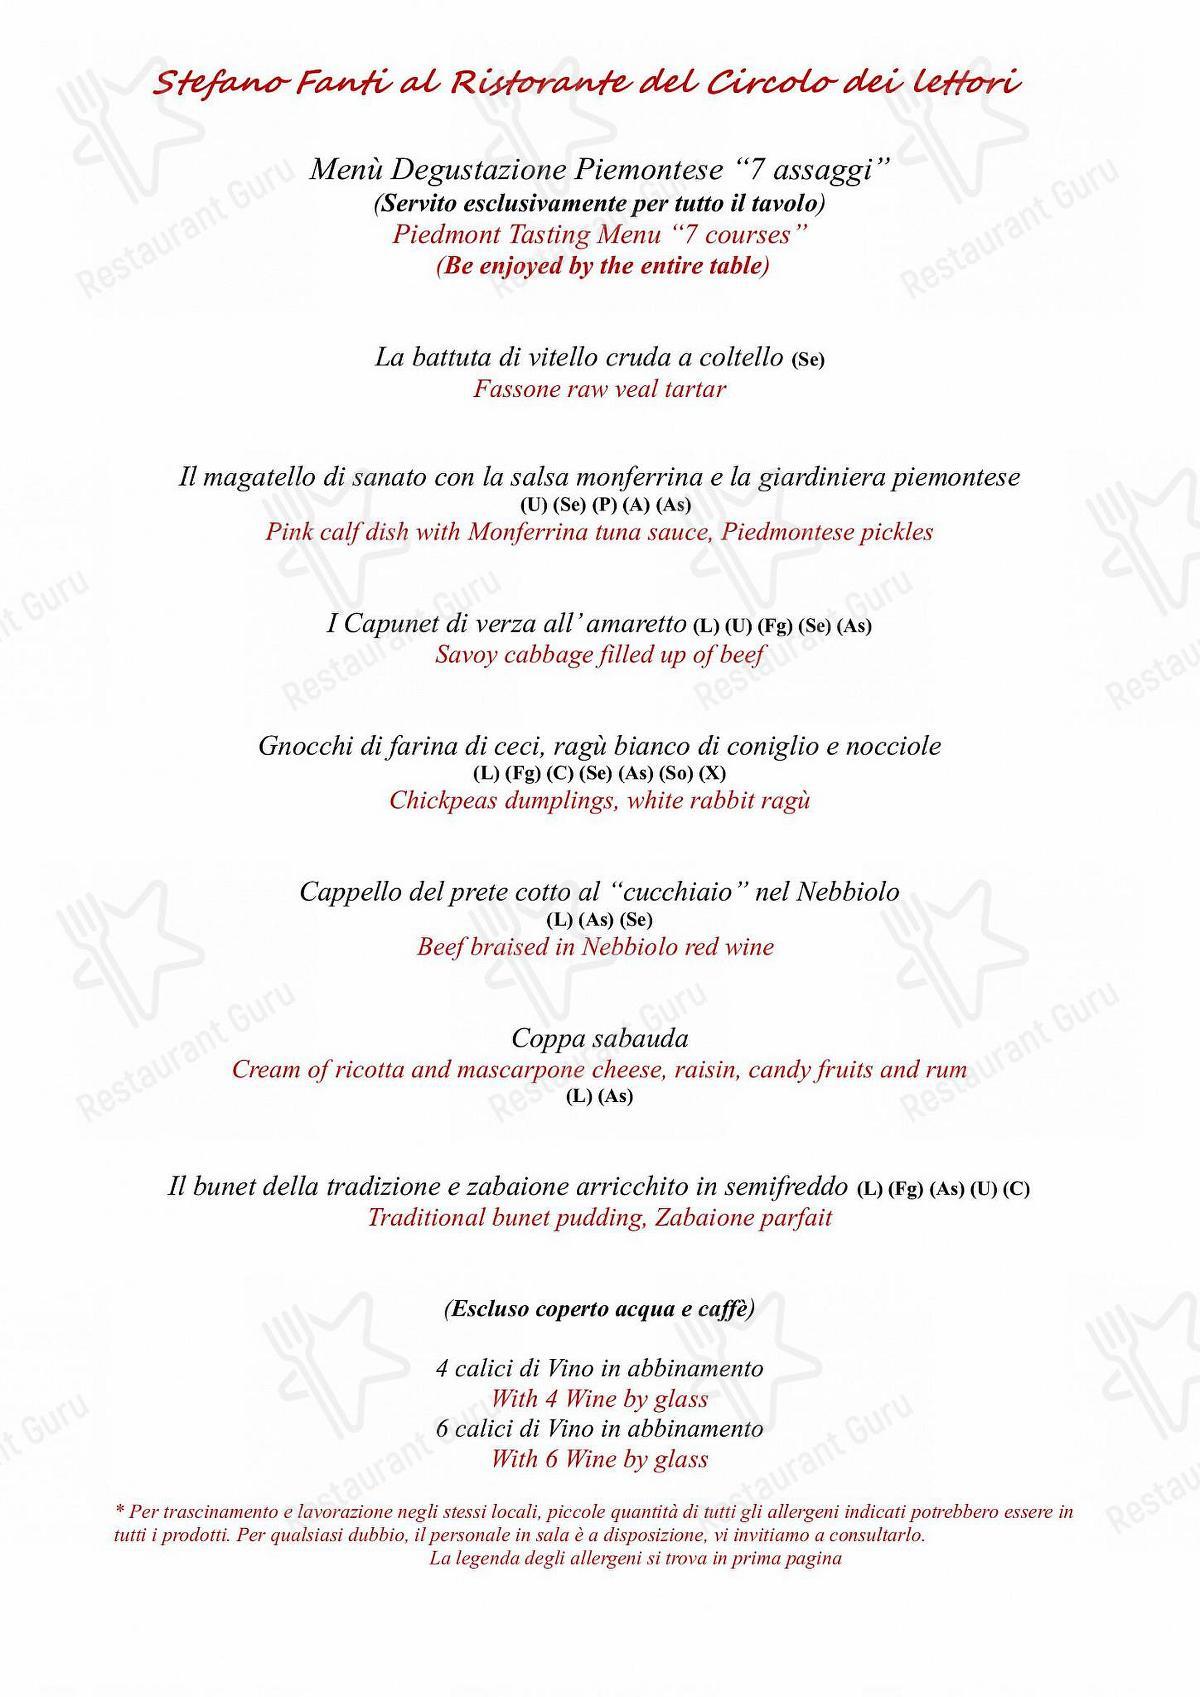 Barney's - il Bar del Circolo dei lettori in Torino - Menu ristorante